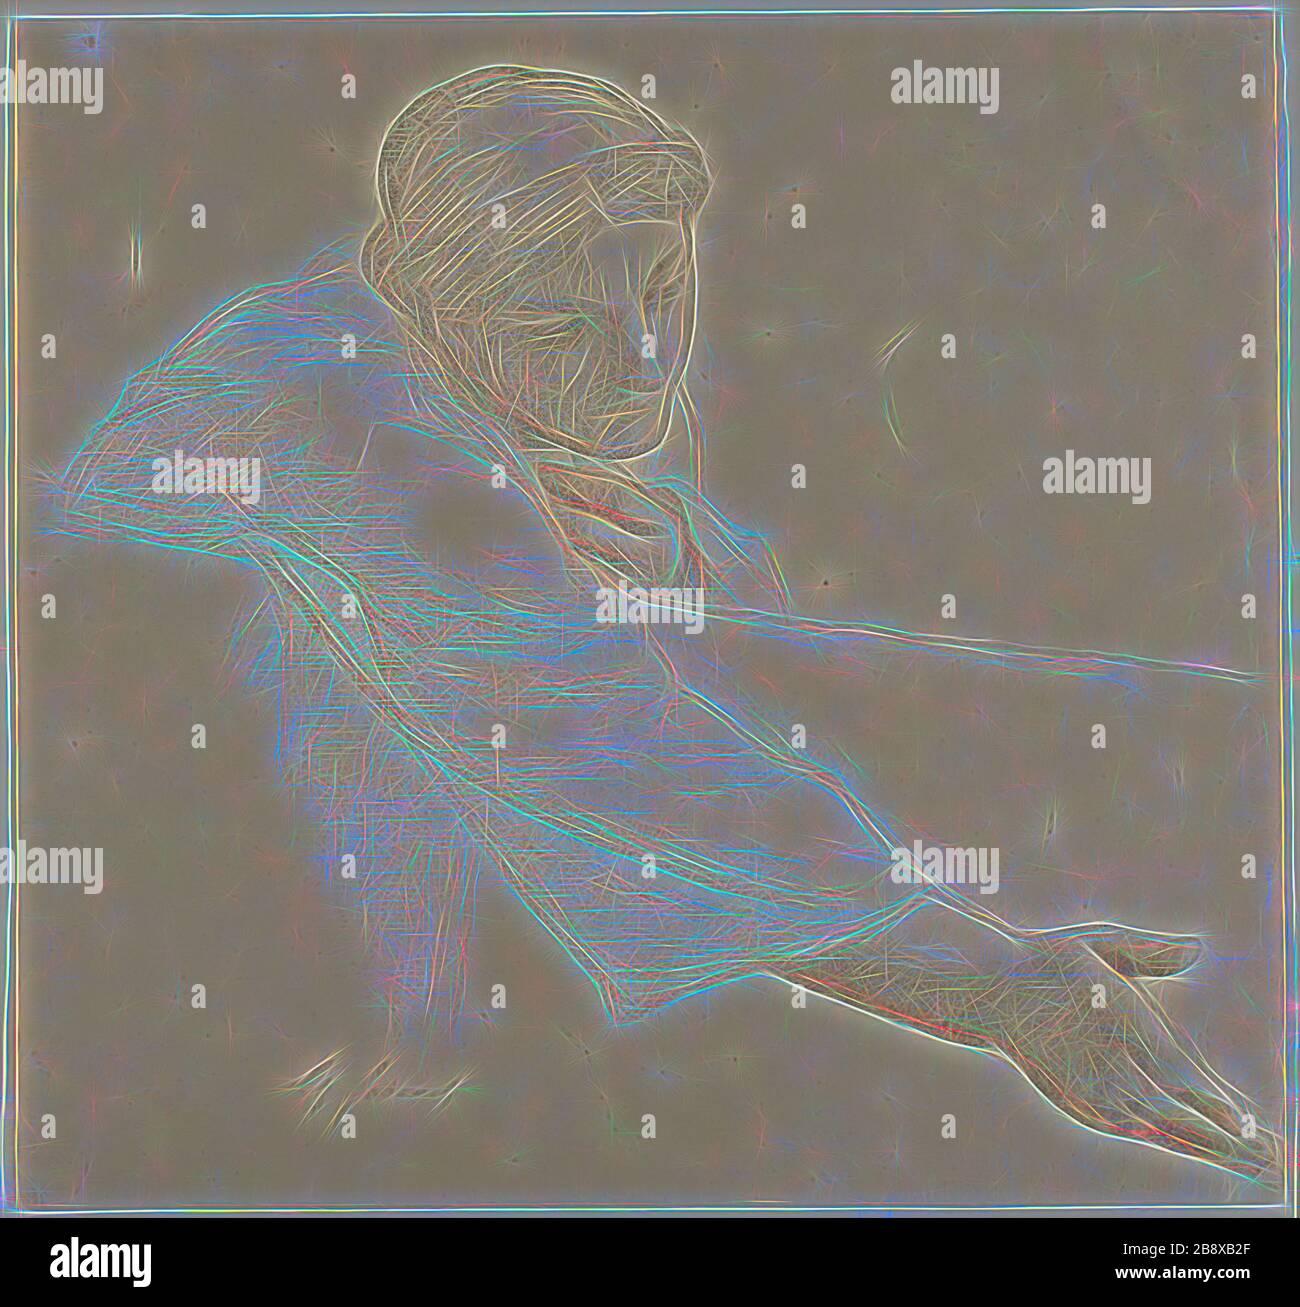 Mujer alcanzando sobre un Muro, estudio para la vida de San Luis, Rey de Francia, c. 1878, Alexandre Cabanel, francés, 1823-1889, Francia, tiza negra y roja, con toques de tropiezo, sobre papel de color crema, 268 × 284 mm, Reimaginado por Gibon, diseño de alegre y cálida brillantez de rayos de luz. Arte clásico reinventado con un toque moderno. Fotografía inspirada en el futurismo, abrazando la energía dinámica de la tecnología moderna, el movimiento, la velocidad y la revolución de la cultura. Foto de stock